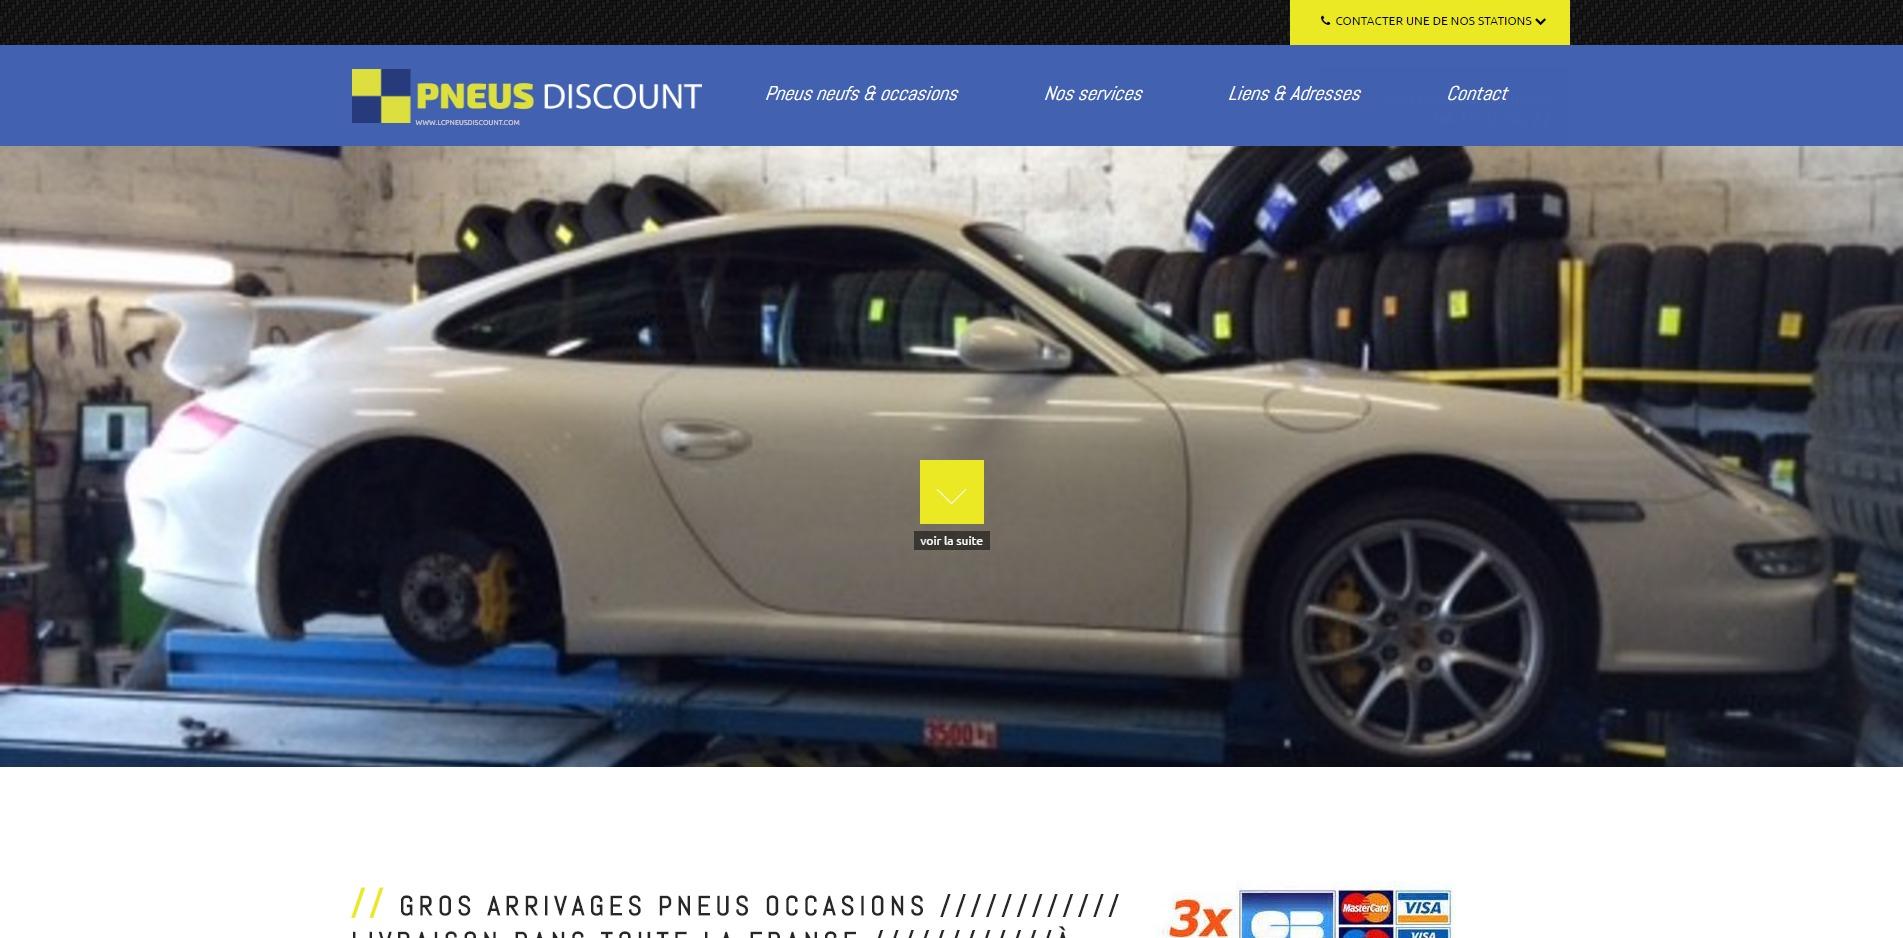 vente de pneus mont limar lc pneus discount site internet automobile jalis. Black Bedroom Furniture Sets. Home Design Ideas